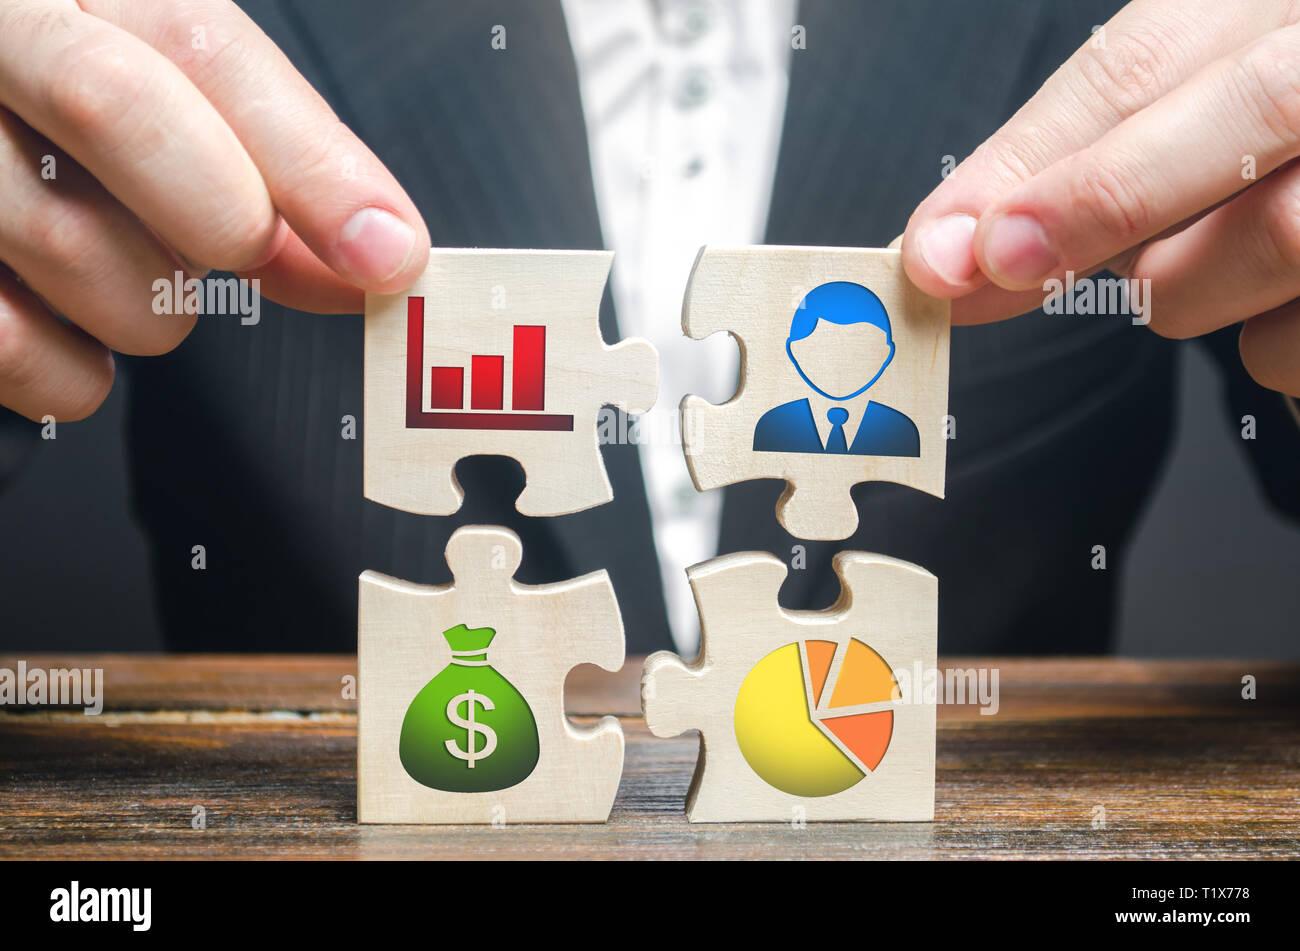 Un imprenditore raccoglie puzzle che simboleggiano i singoli elementi e attributi di fare affari. Organizzazione del processo, la creazione di un busine Foto Stock